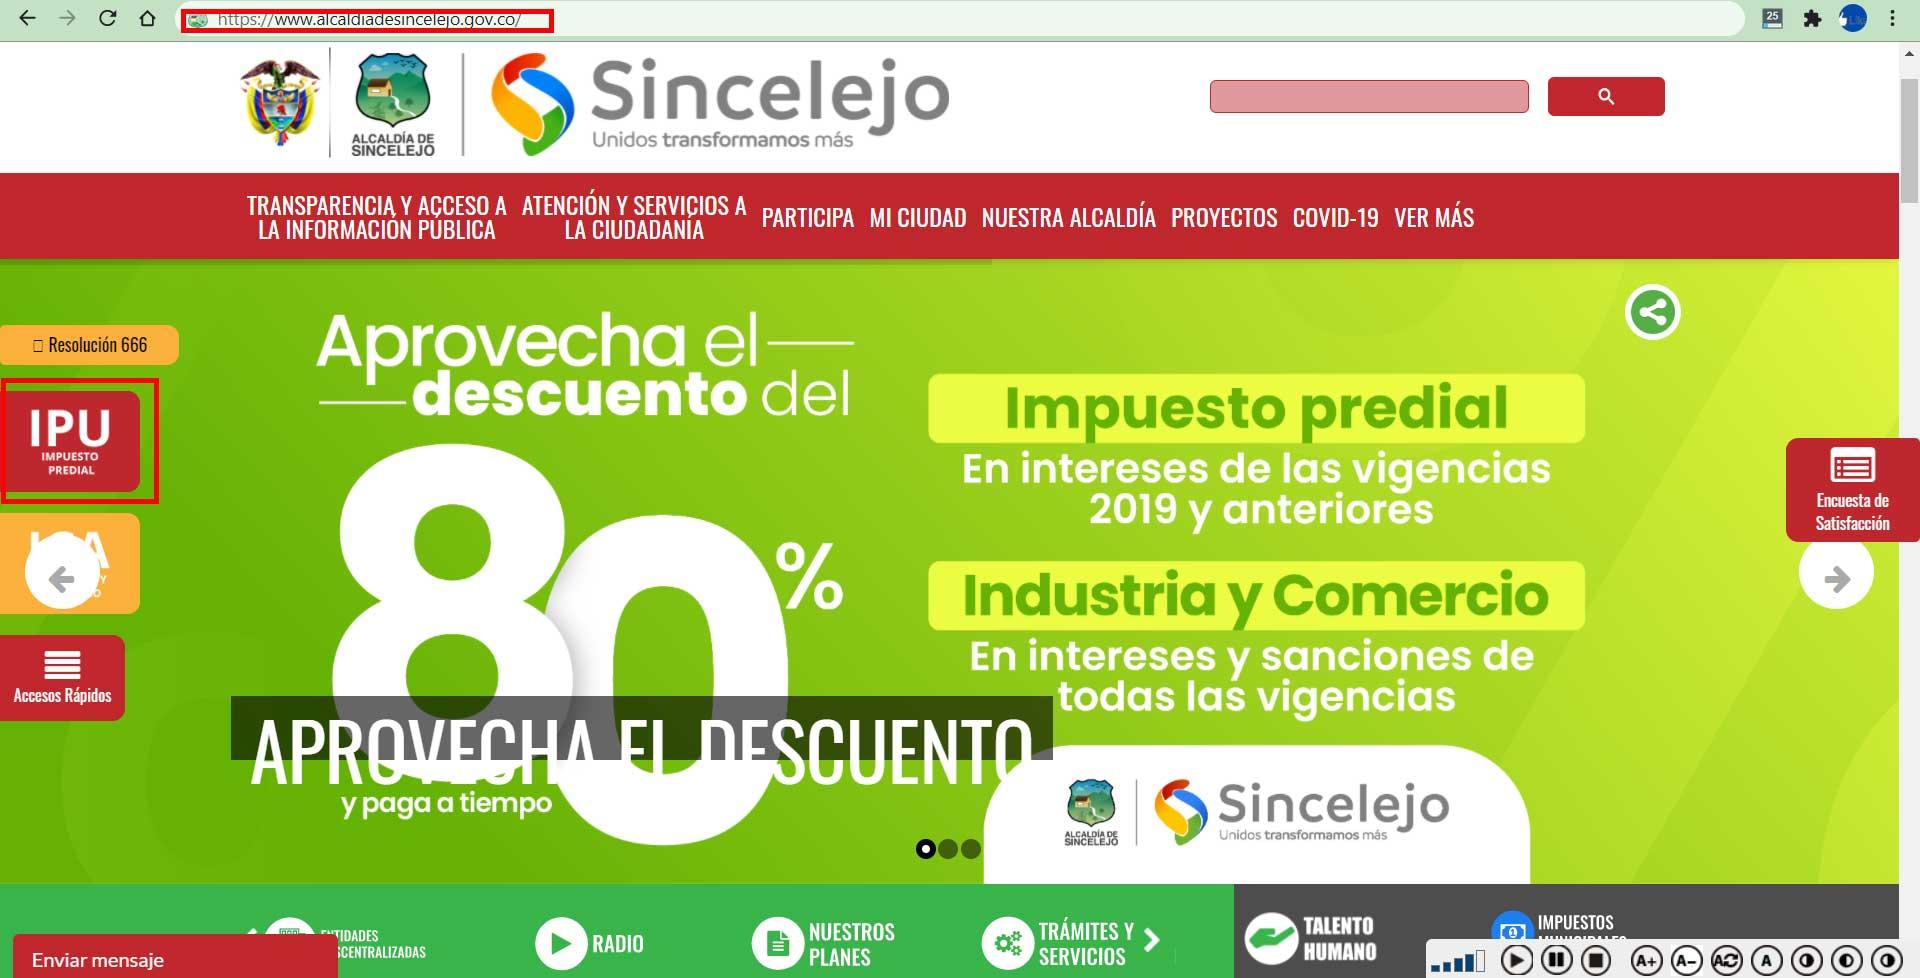 Acceso portal Alcaldia Sincelejo Impuesto Predial